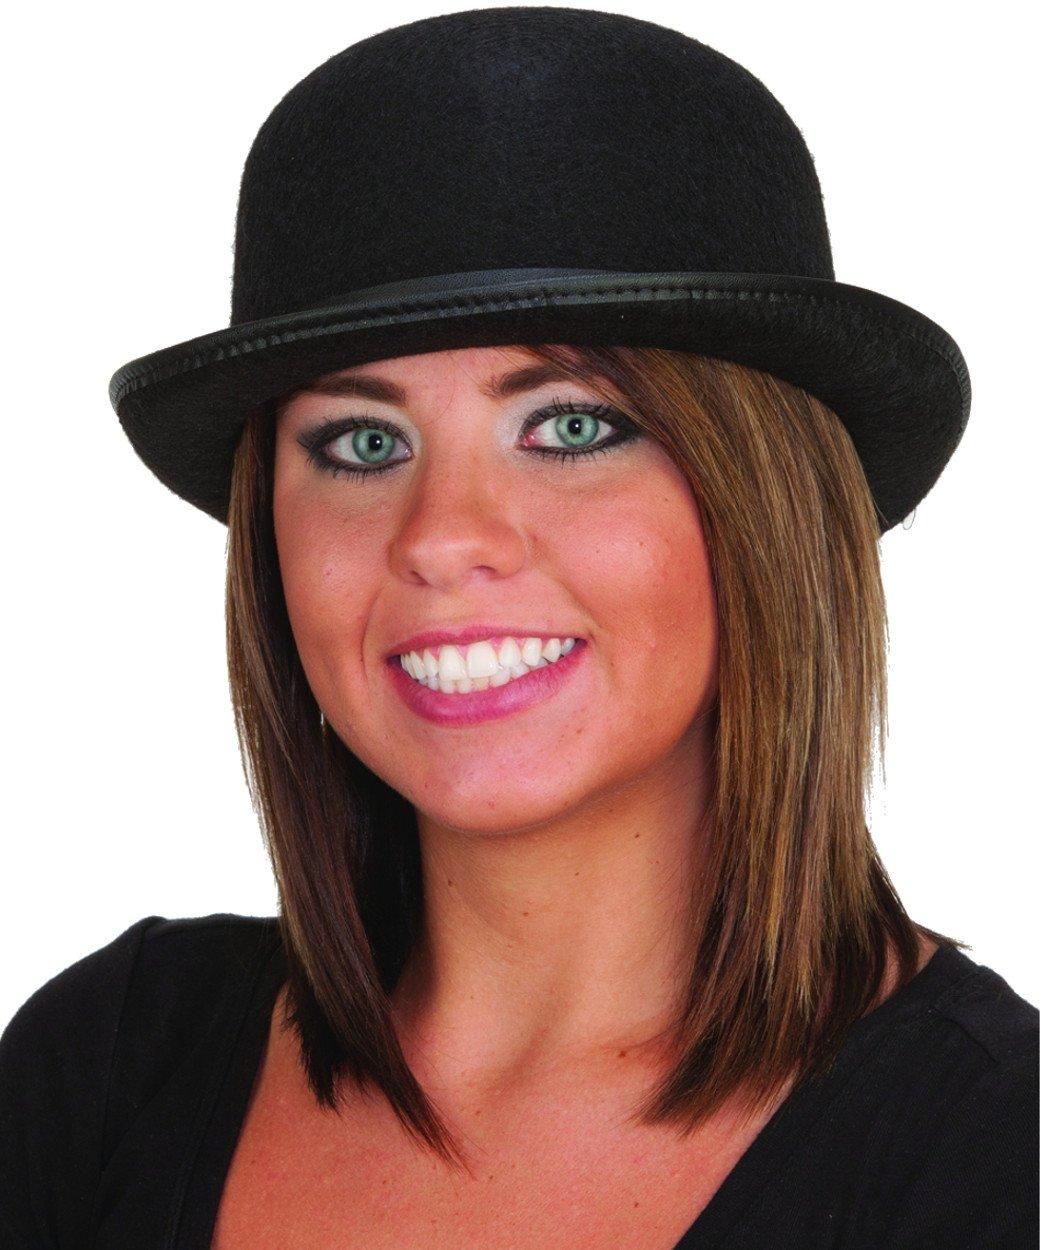 0d90d985d4306 Amazon.com  Fun World Unisex-Adult s Derby Hat-Black